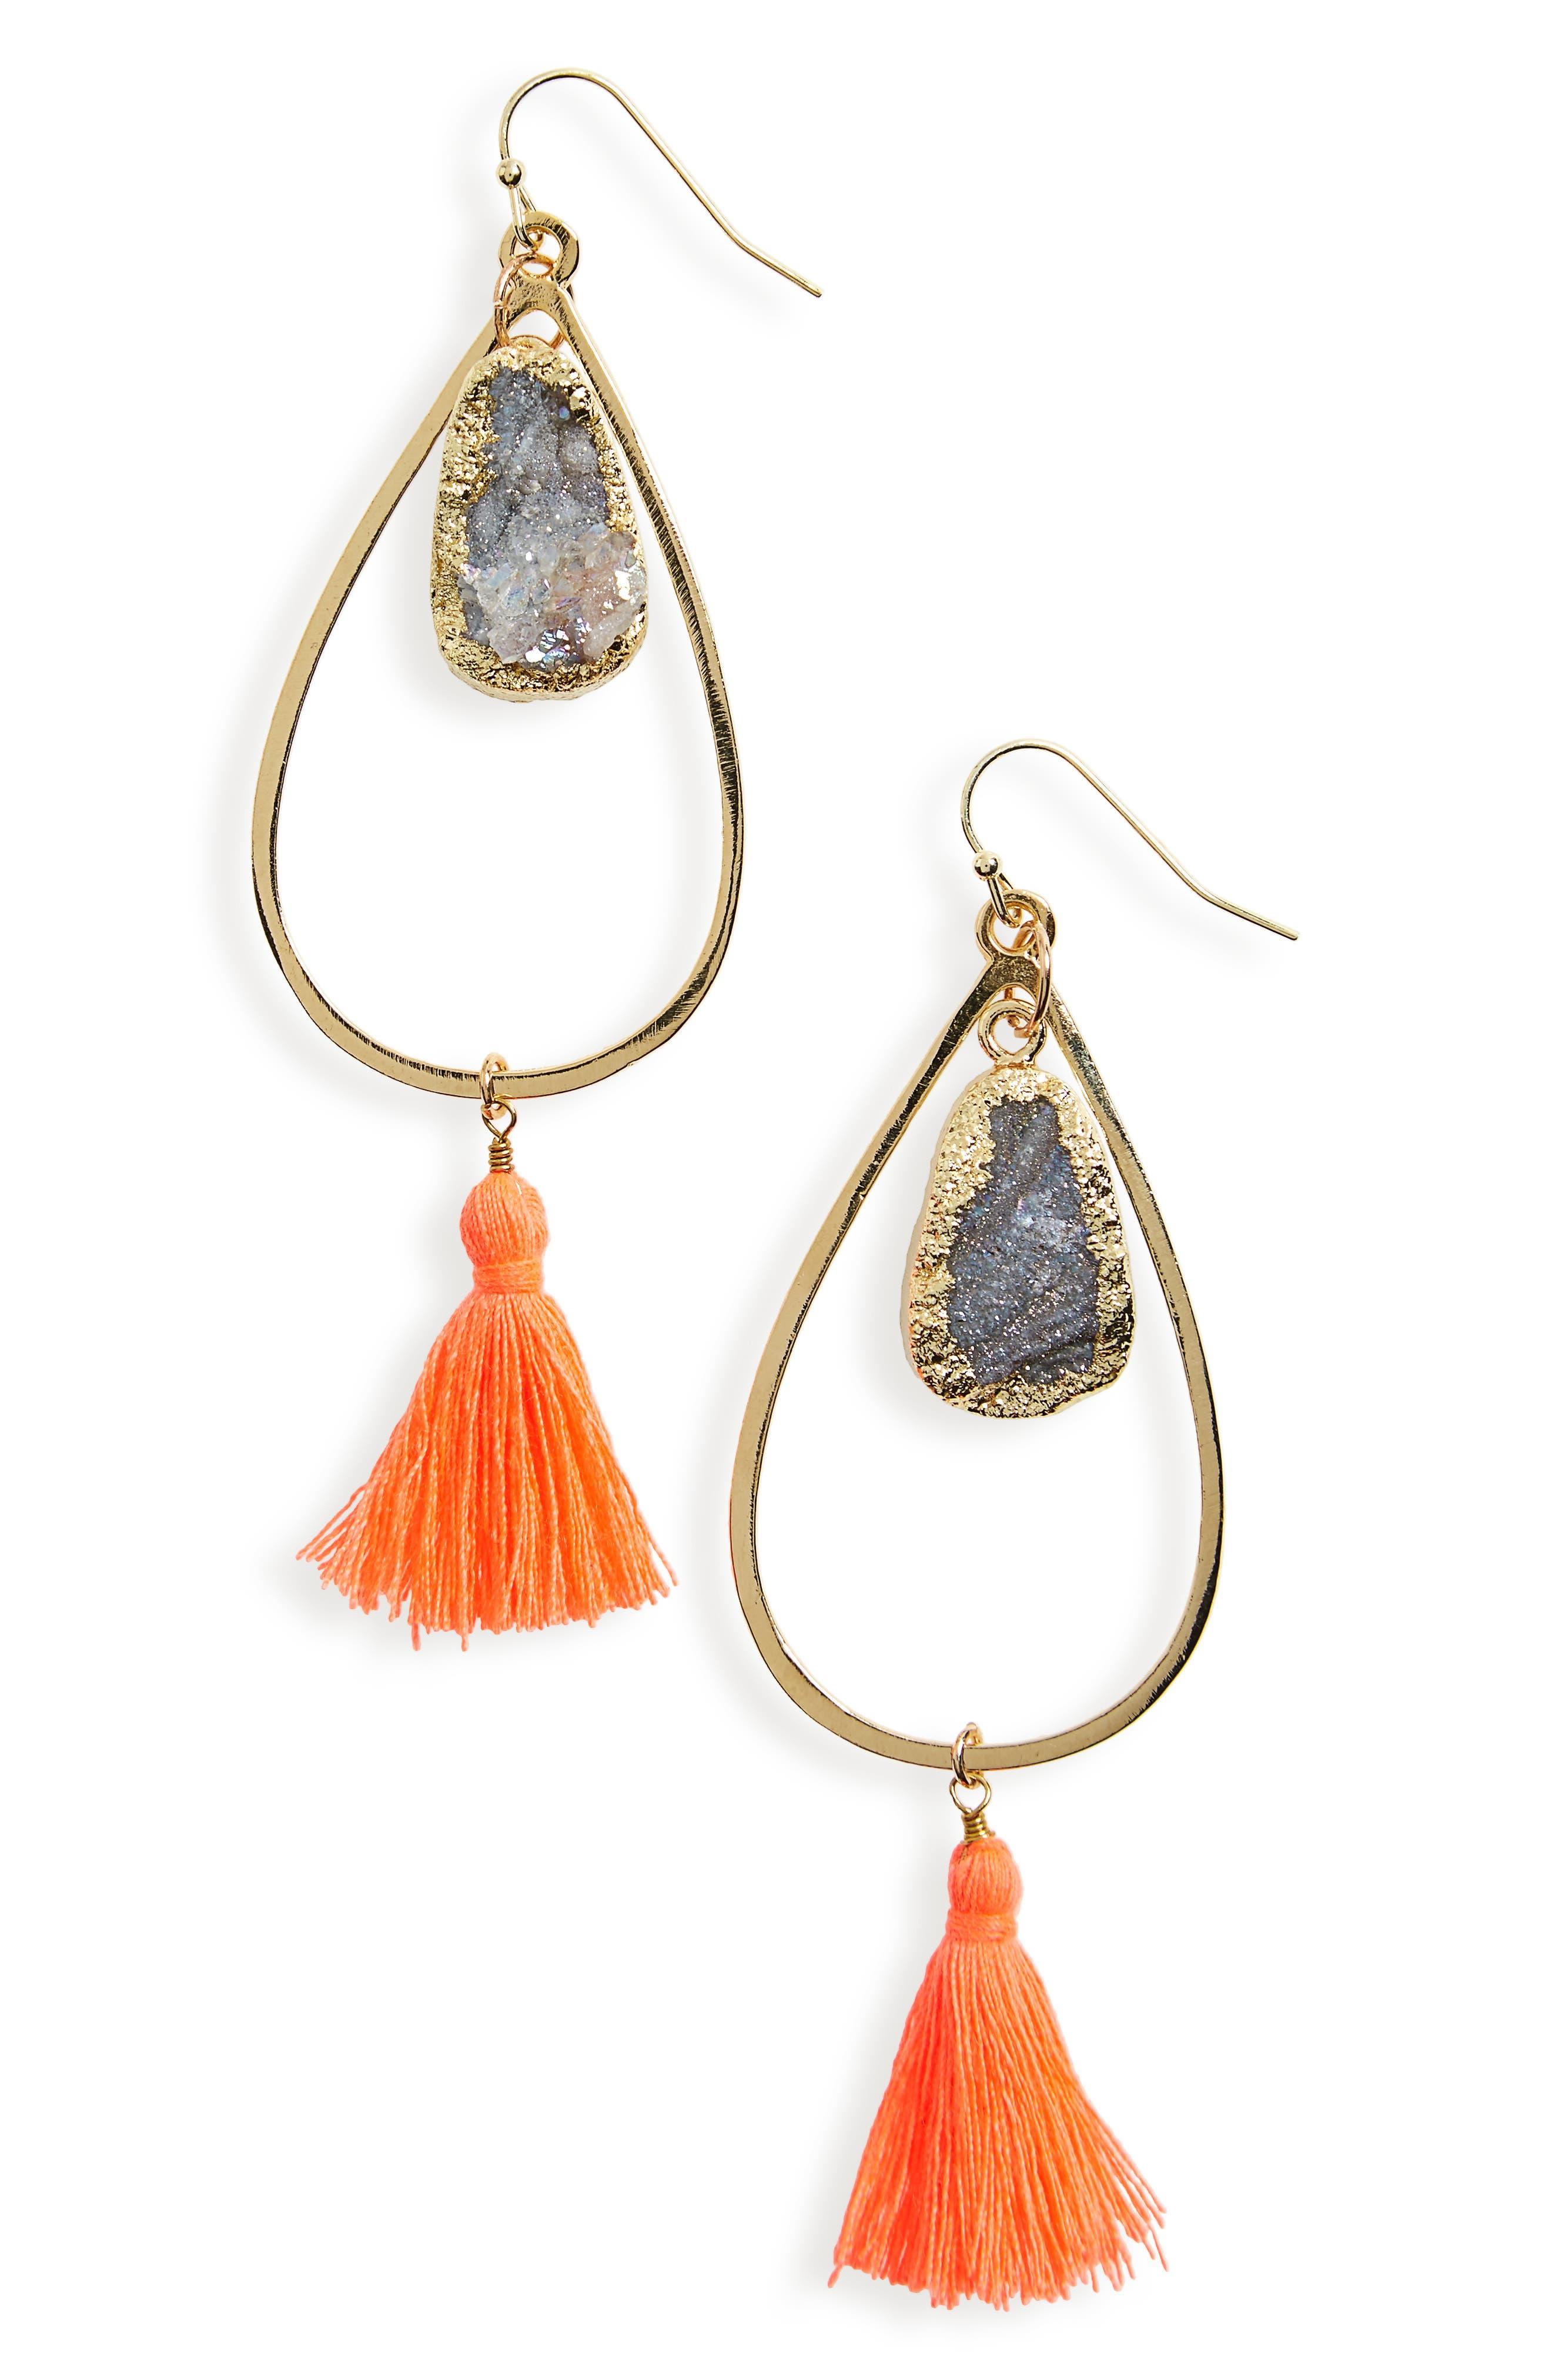 Panacea Teardrop Tassel Earrings